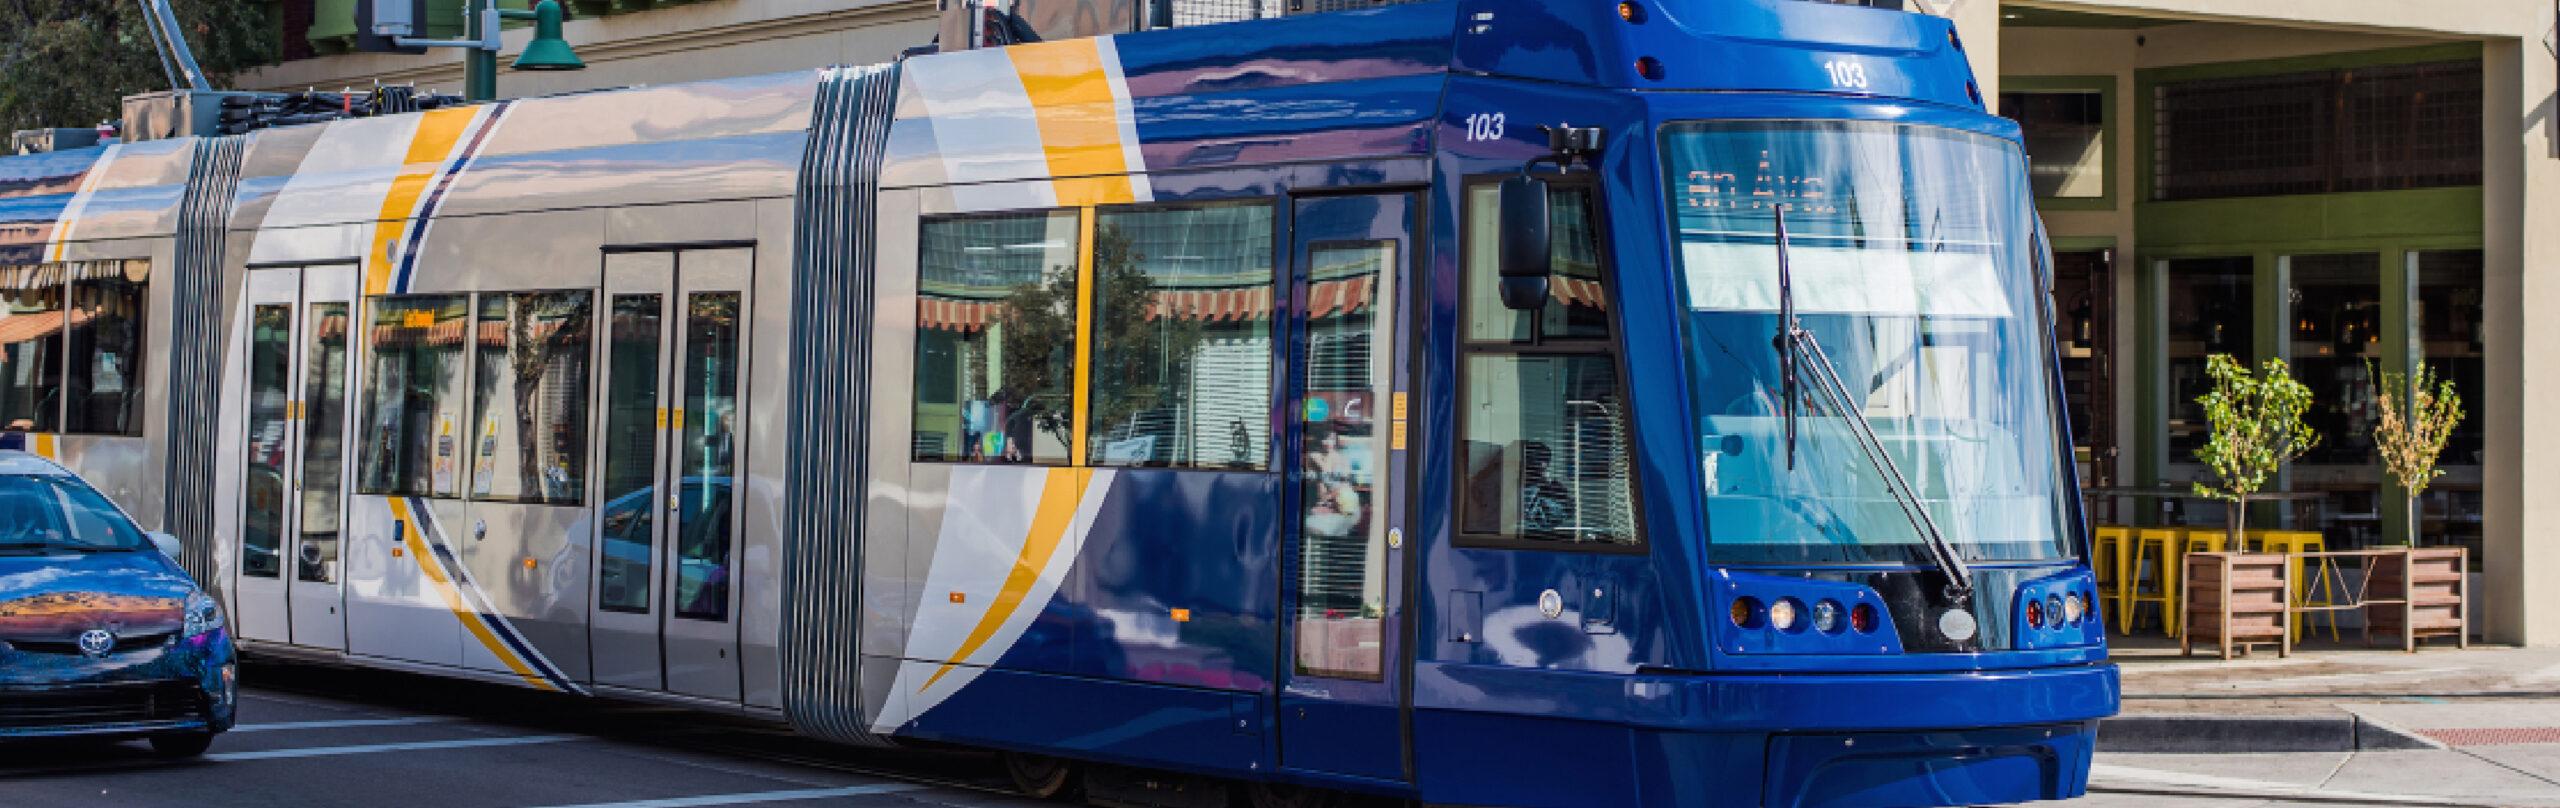 closeup of streetcar